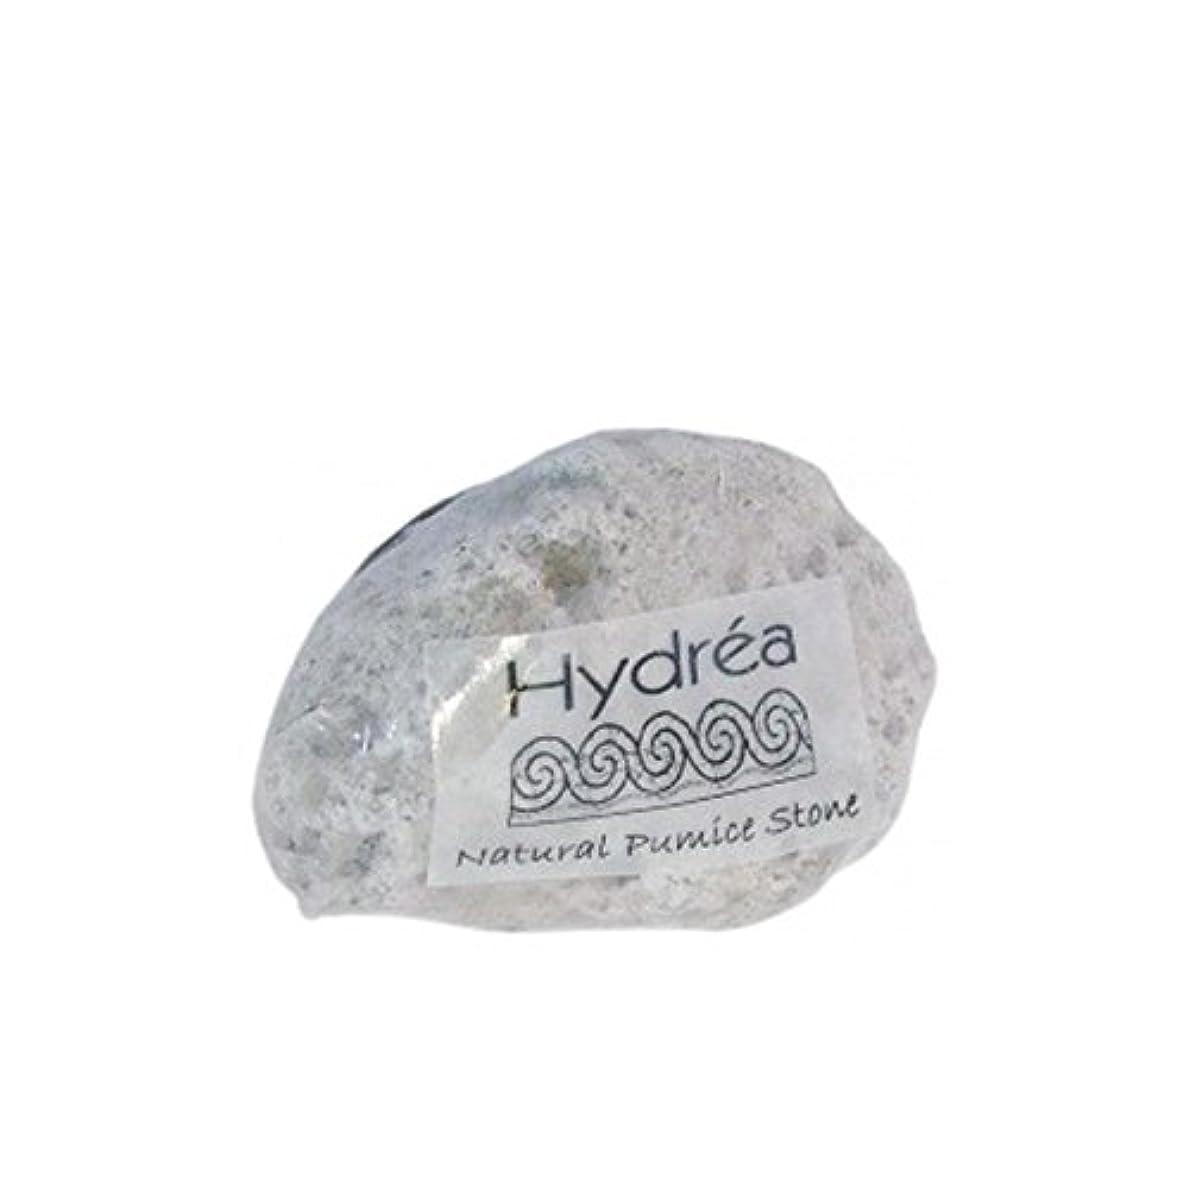 染料遅い食器棚ハイドレアロンドン - 自然軽石 x2 - Hydrea London - Natural Pumice Stone (Pack of 2) [並行輸入品]